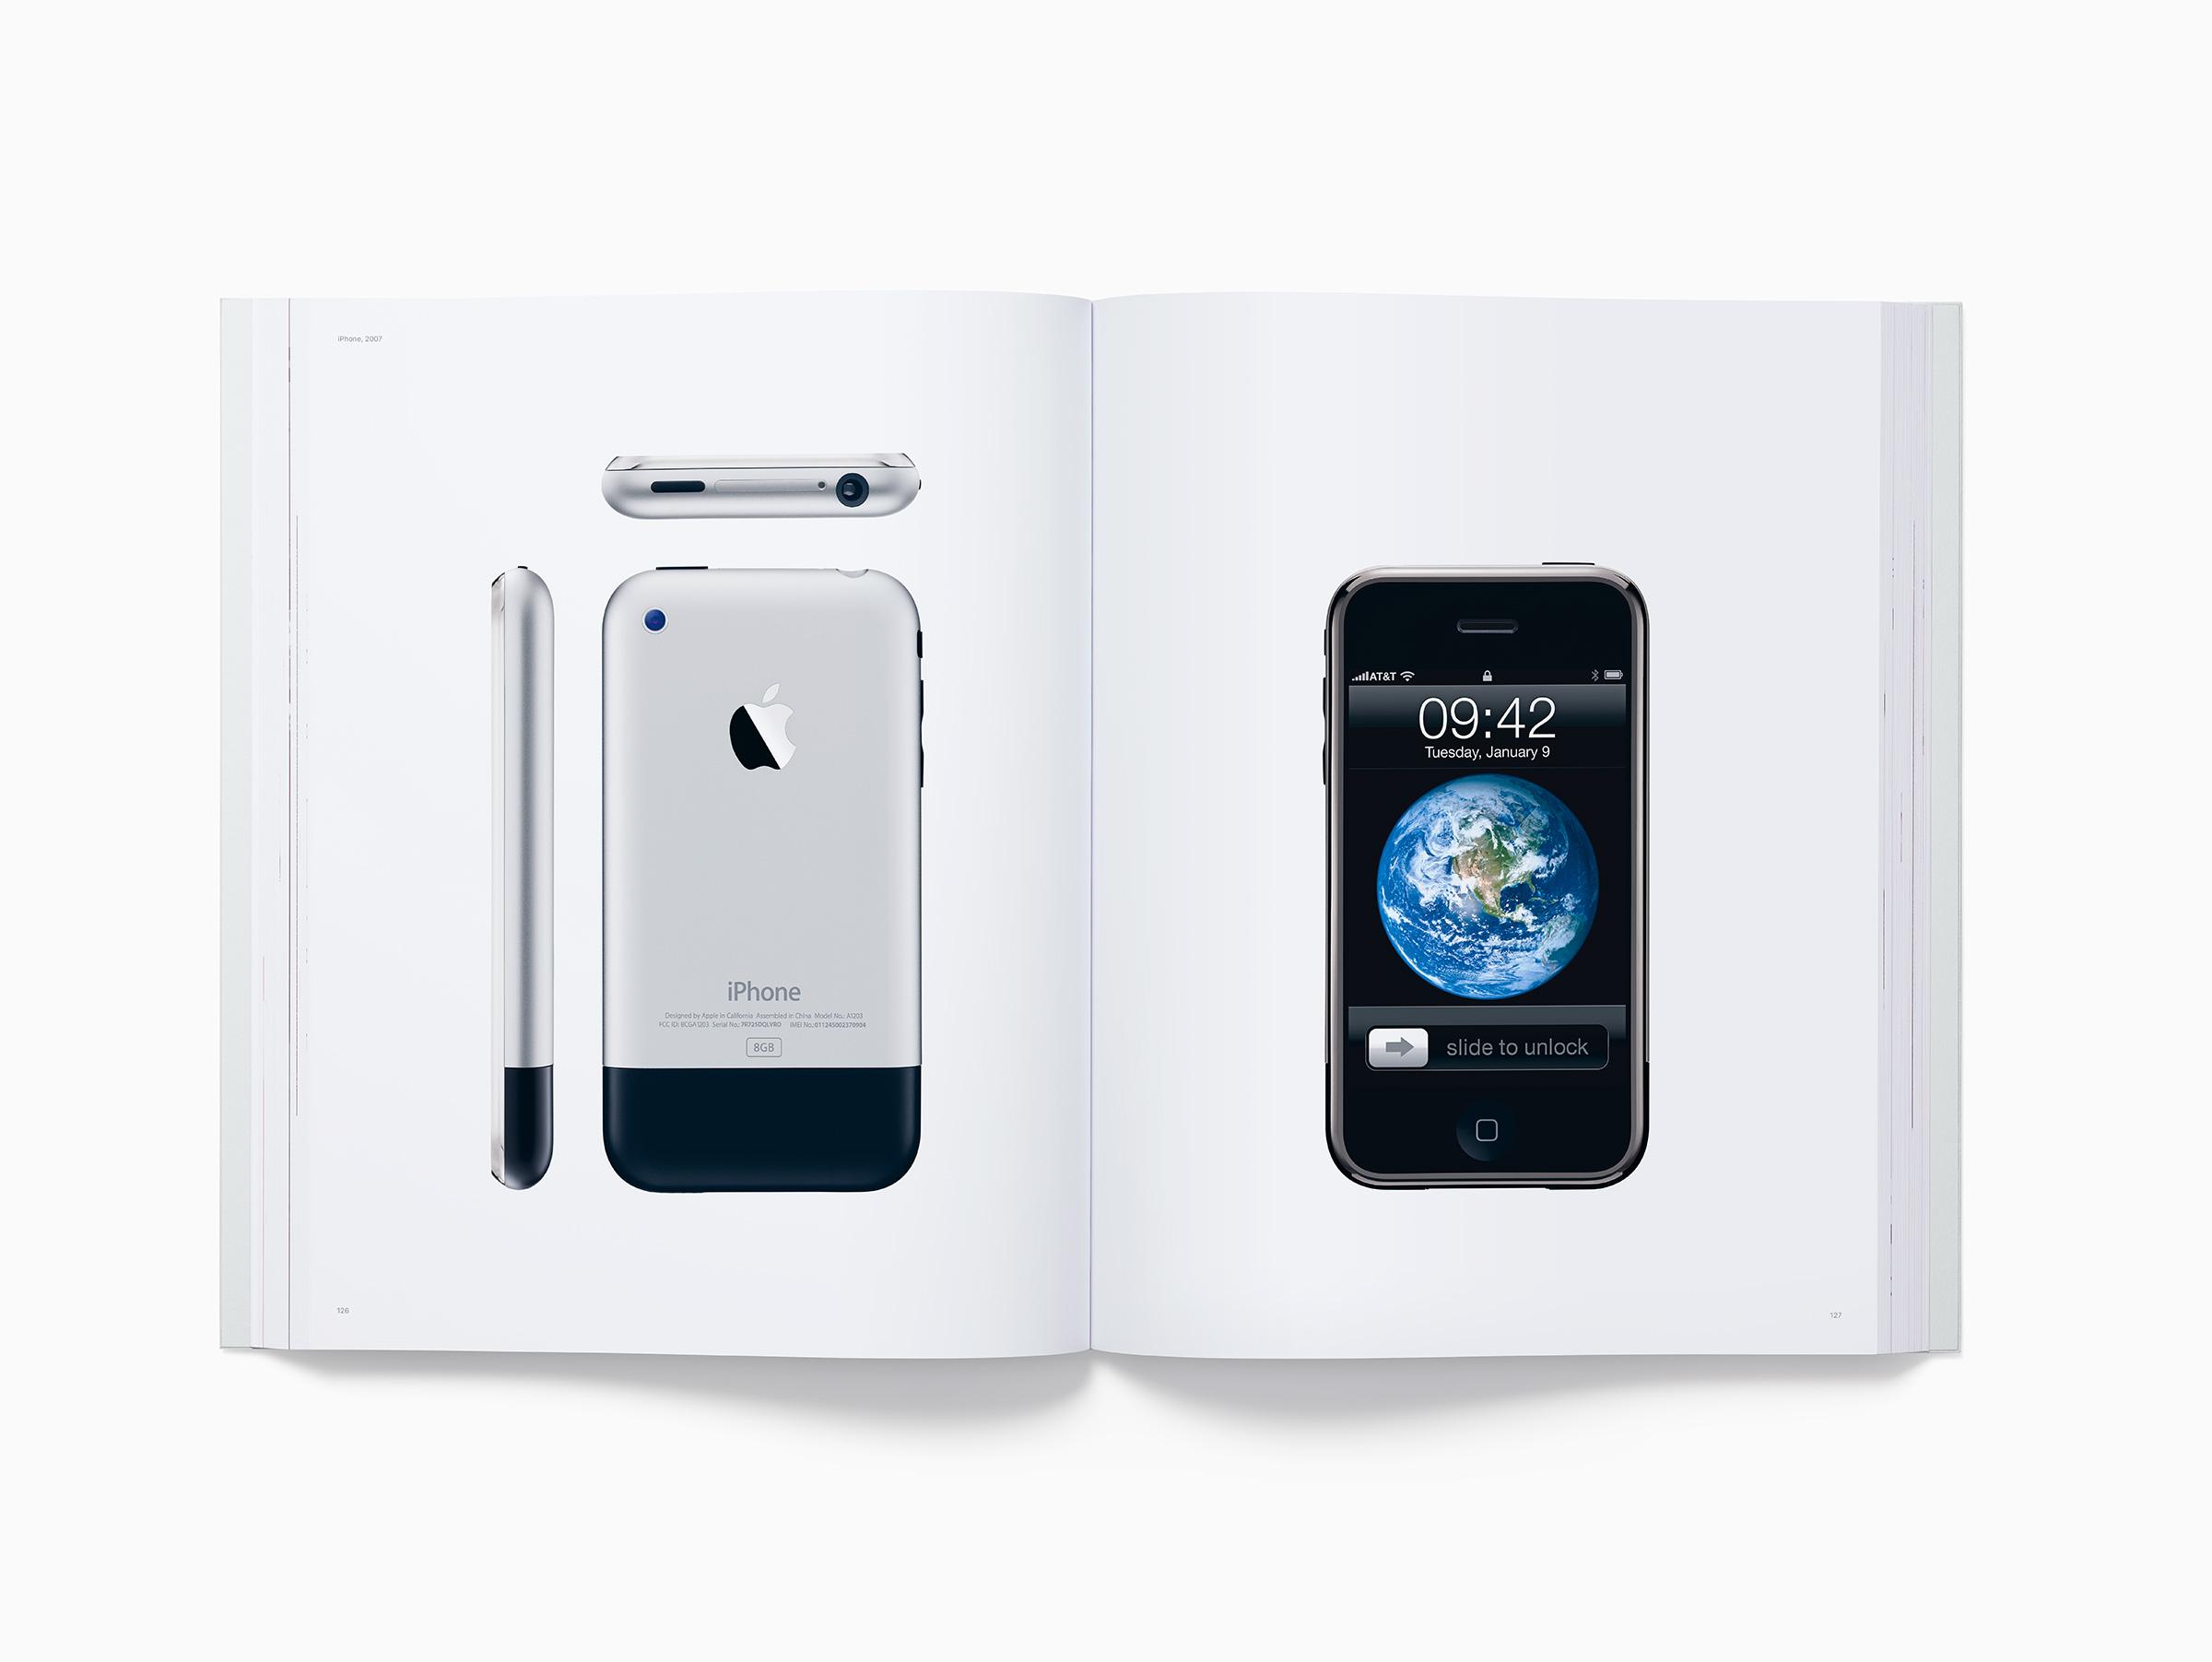 همه محصولات اپل به روایت تصویر در کتاب «طراحی شده اپل در کالیفرنیا»